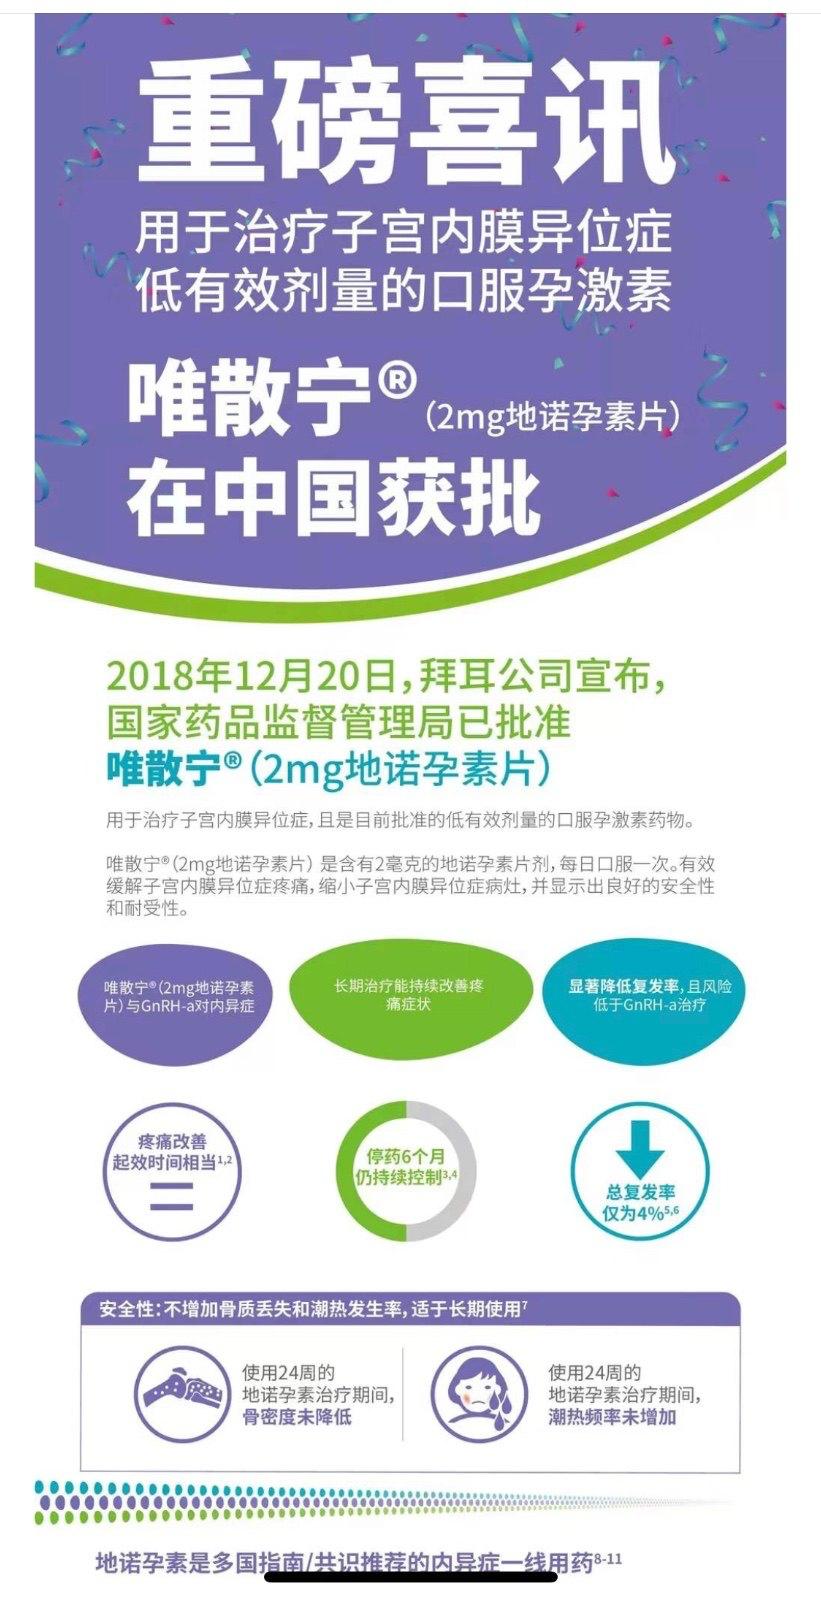 协和张羽:精简版地诺孕素(唯散宁)治疗子宫内膜异位症的注意事项